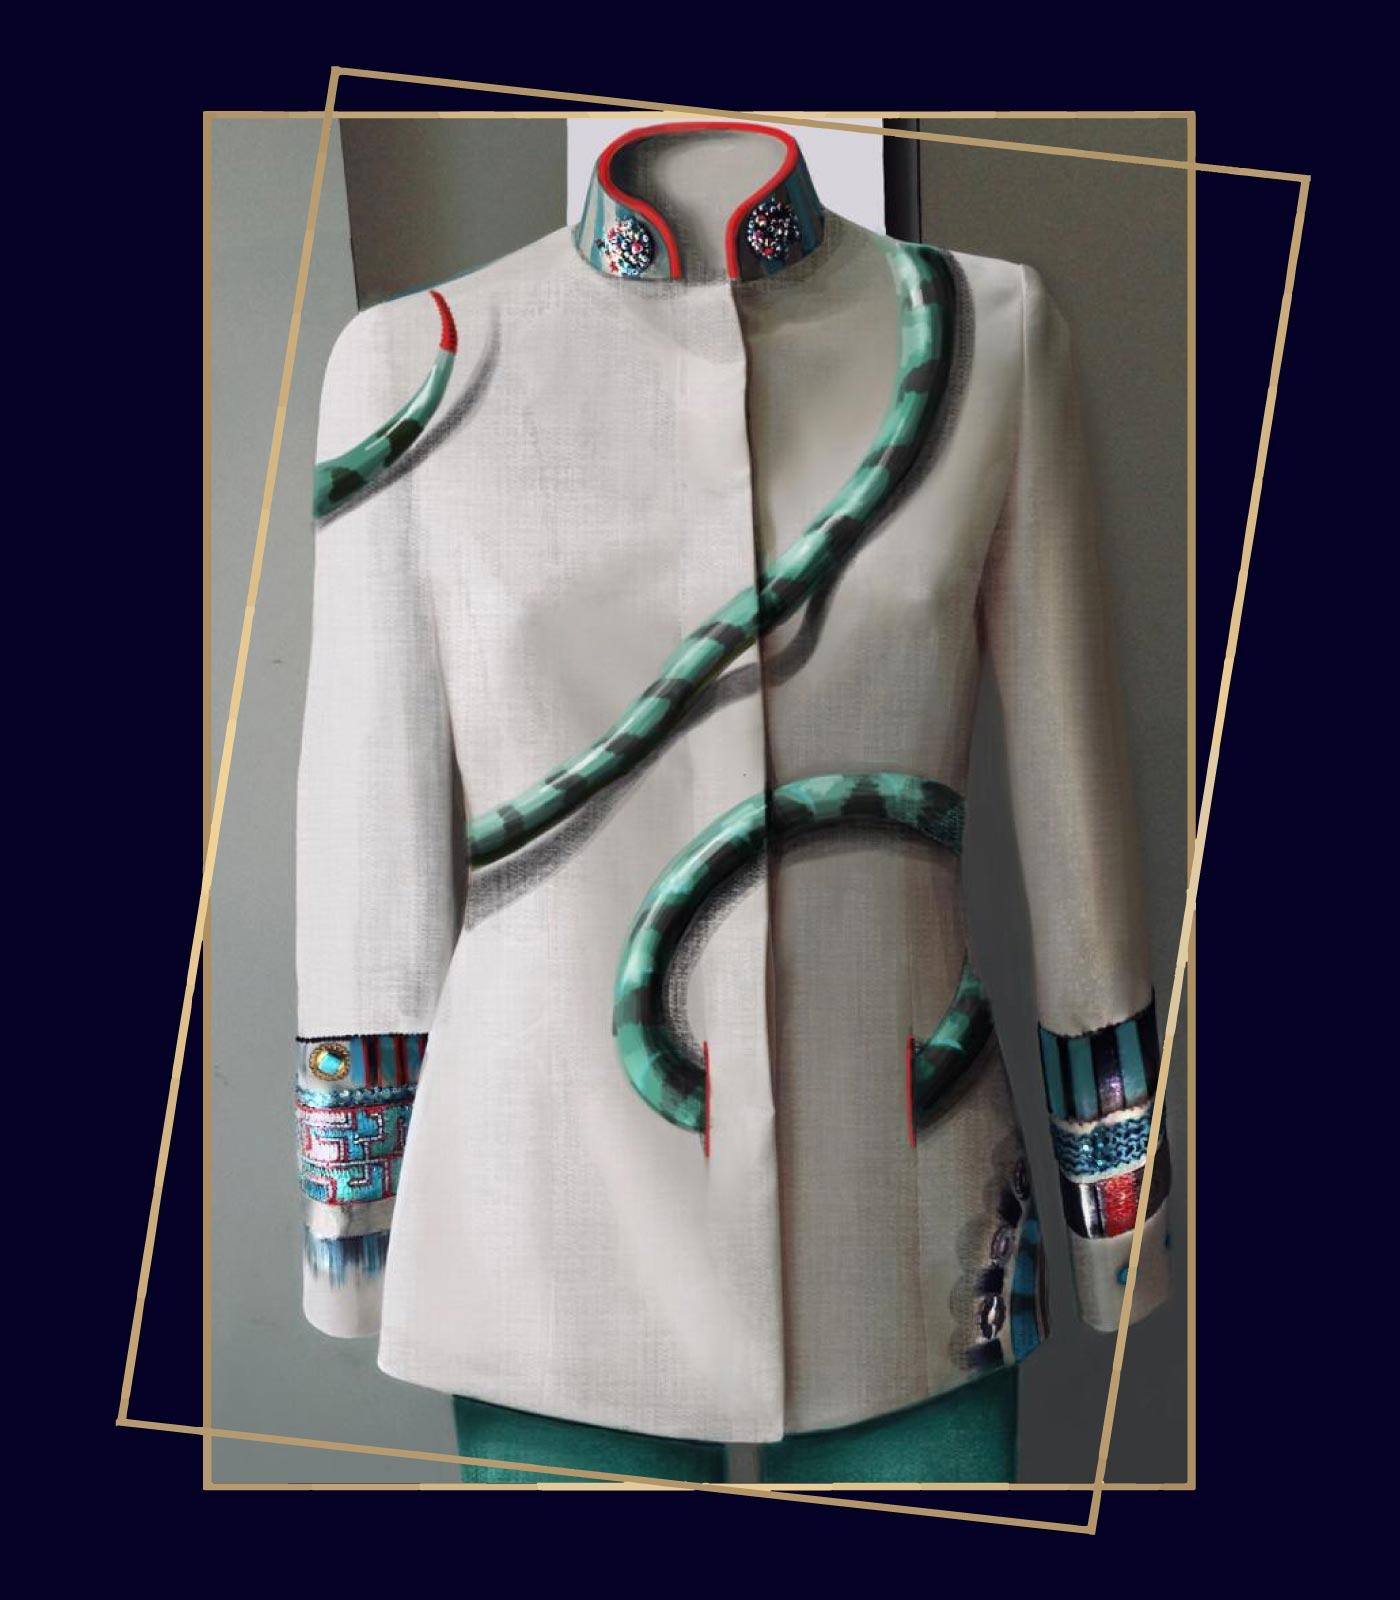 giacche eleganti donne, natura animali e arte